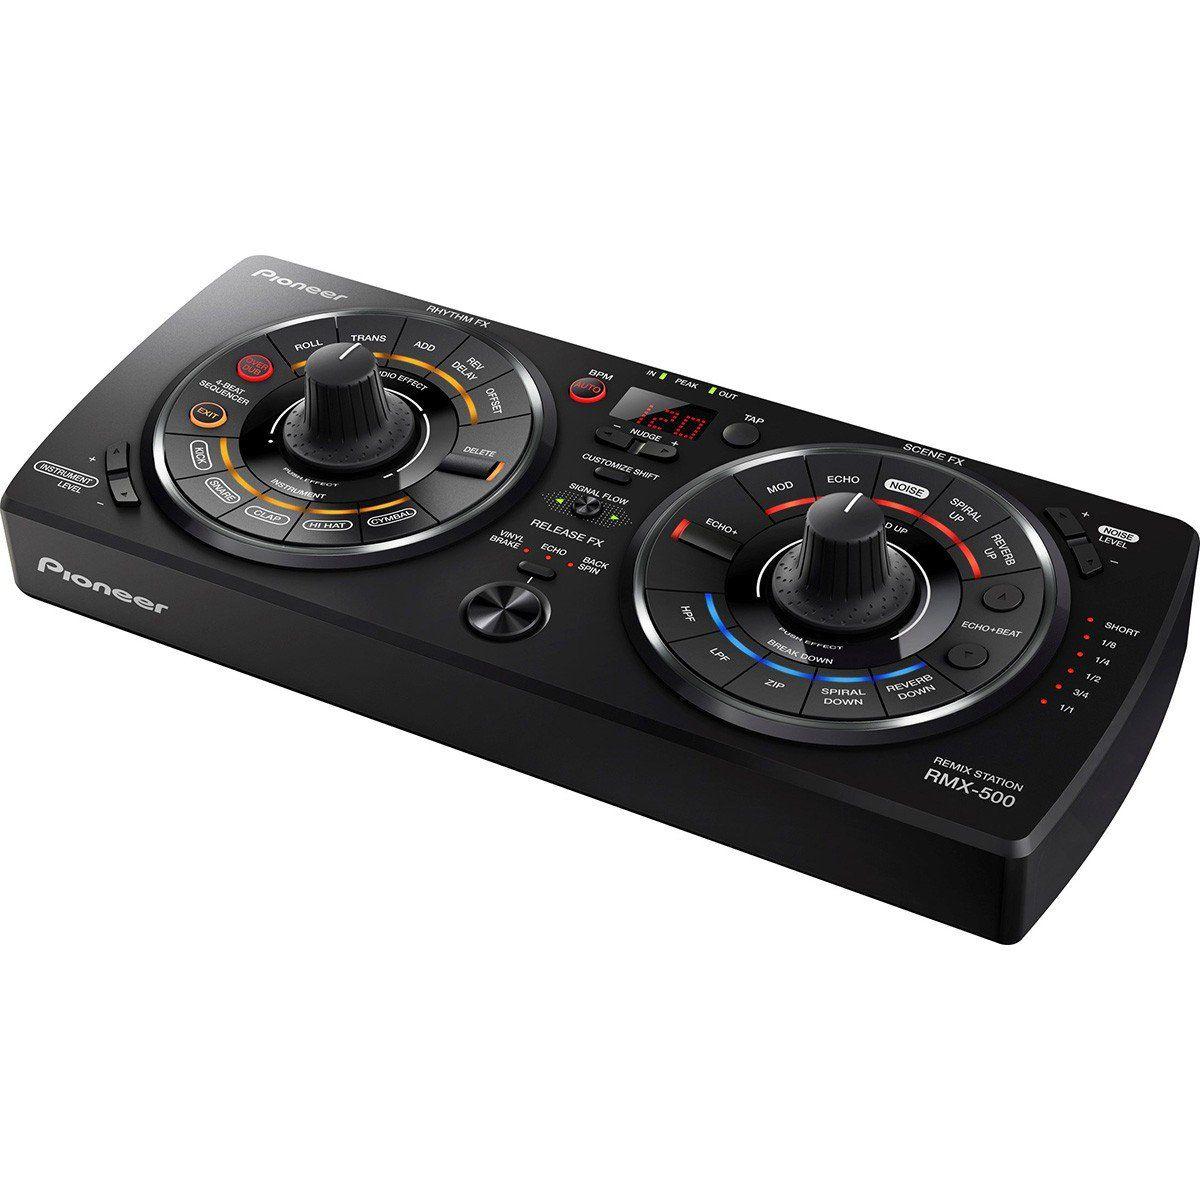 Pioneer RMX-500 Remix Station Pioneer RMX 500 de Efeitos e Arranjos Musicais